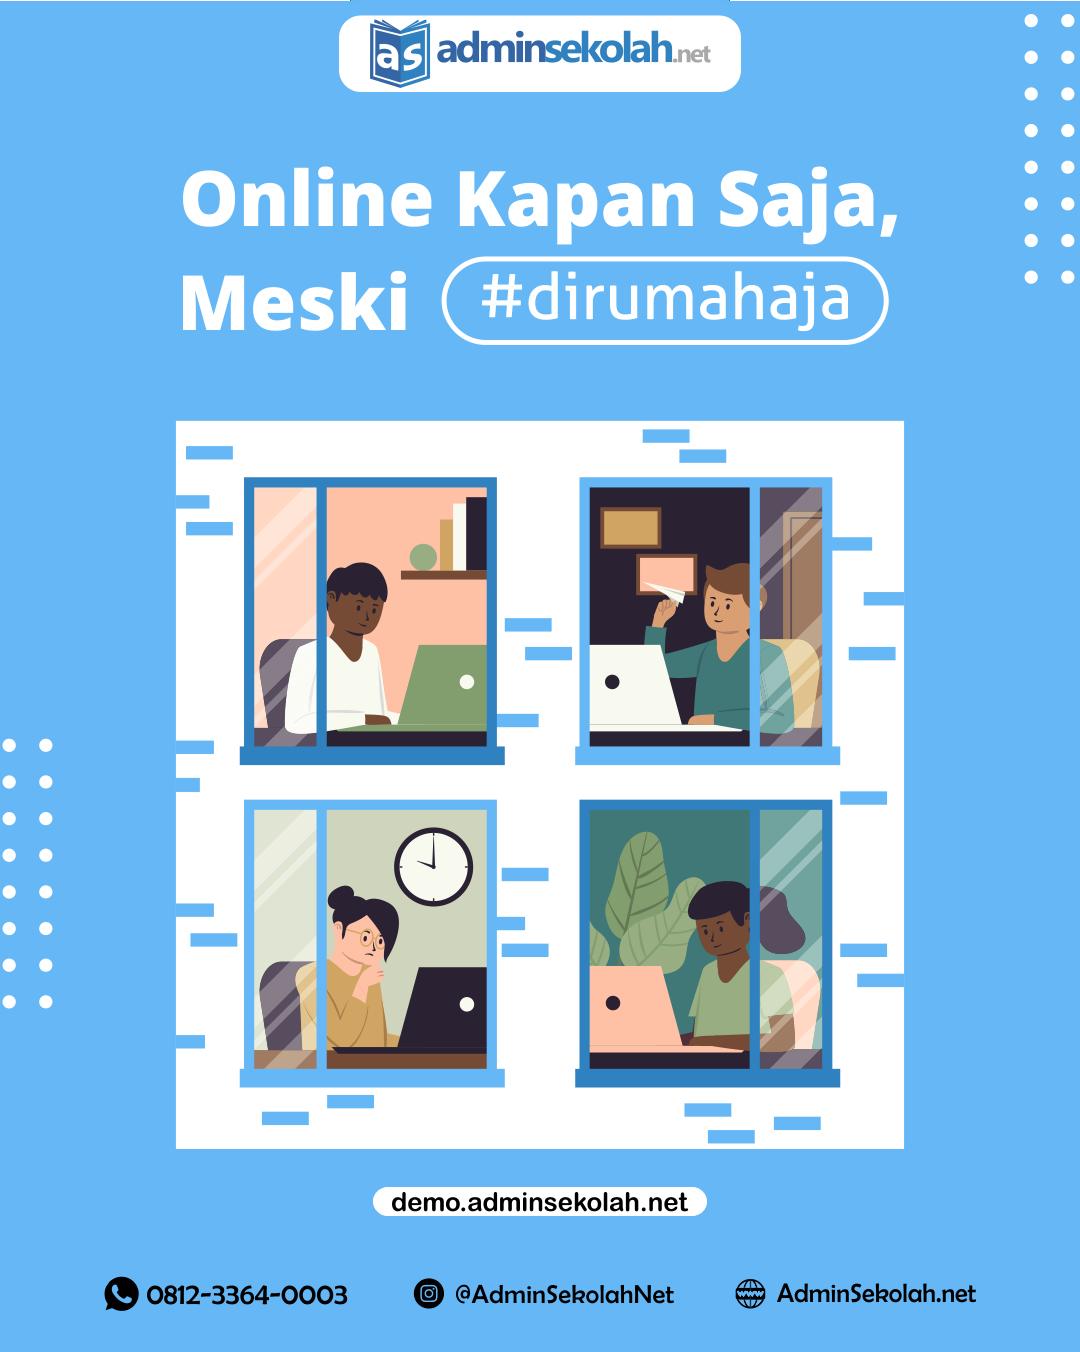 Online Kapan Saja, Meski #dirumahaja !